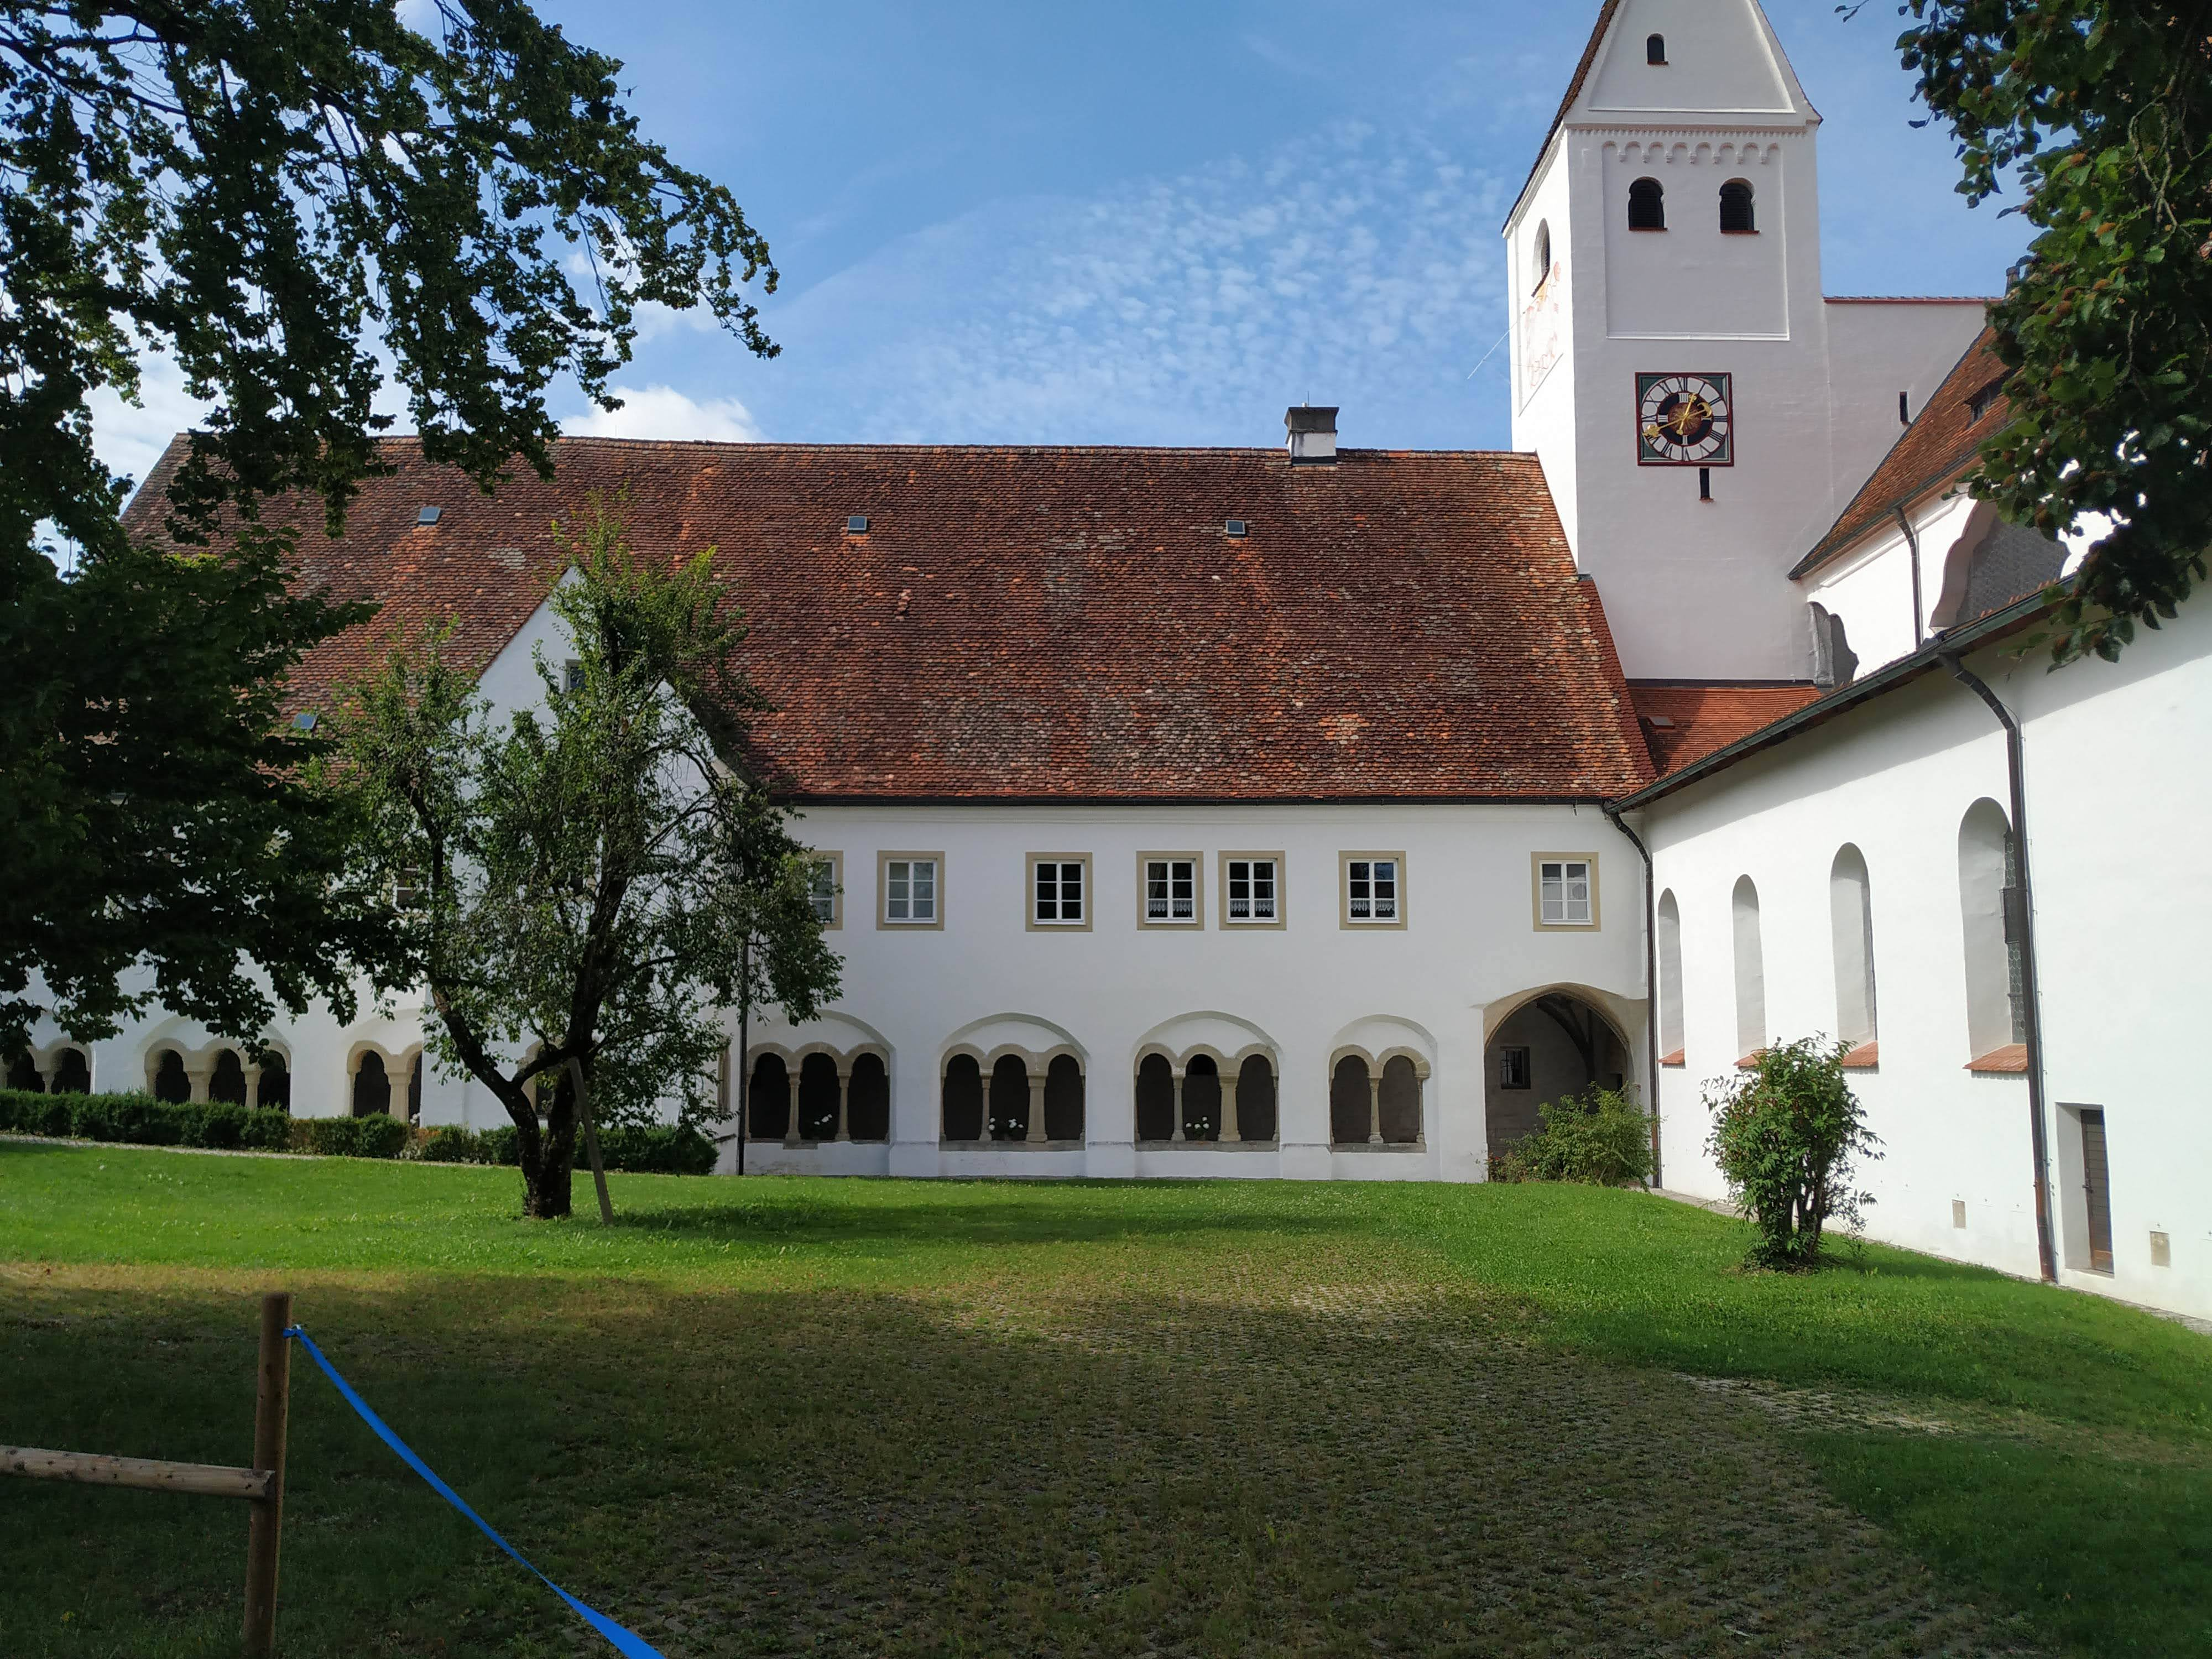 VU Steingaden